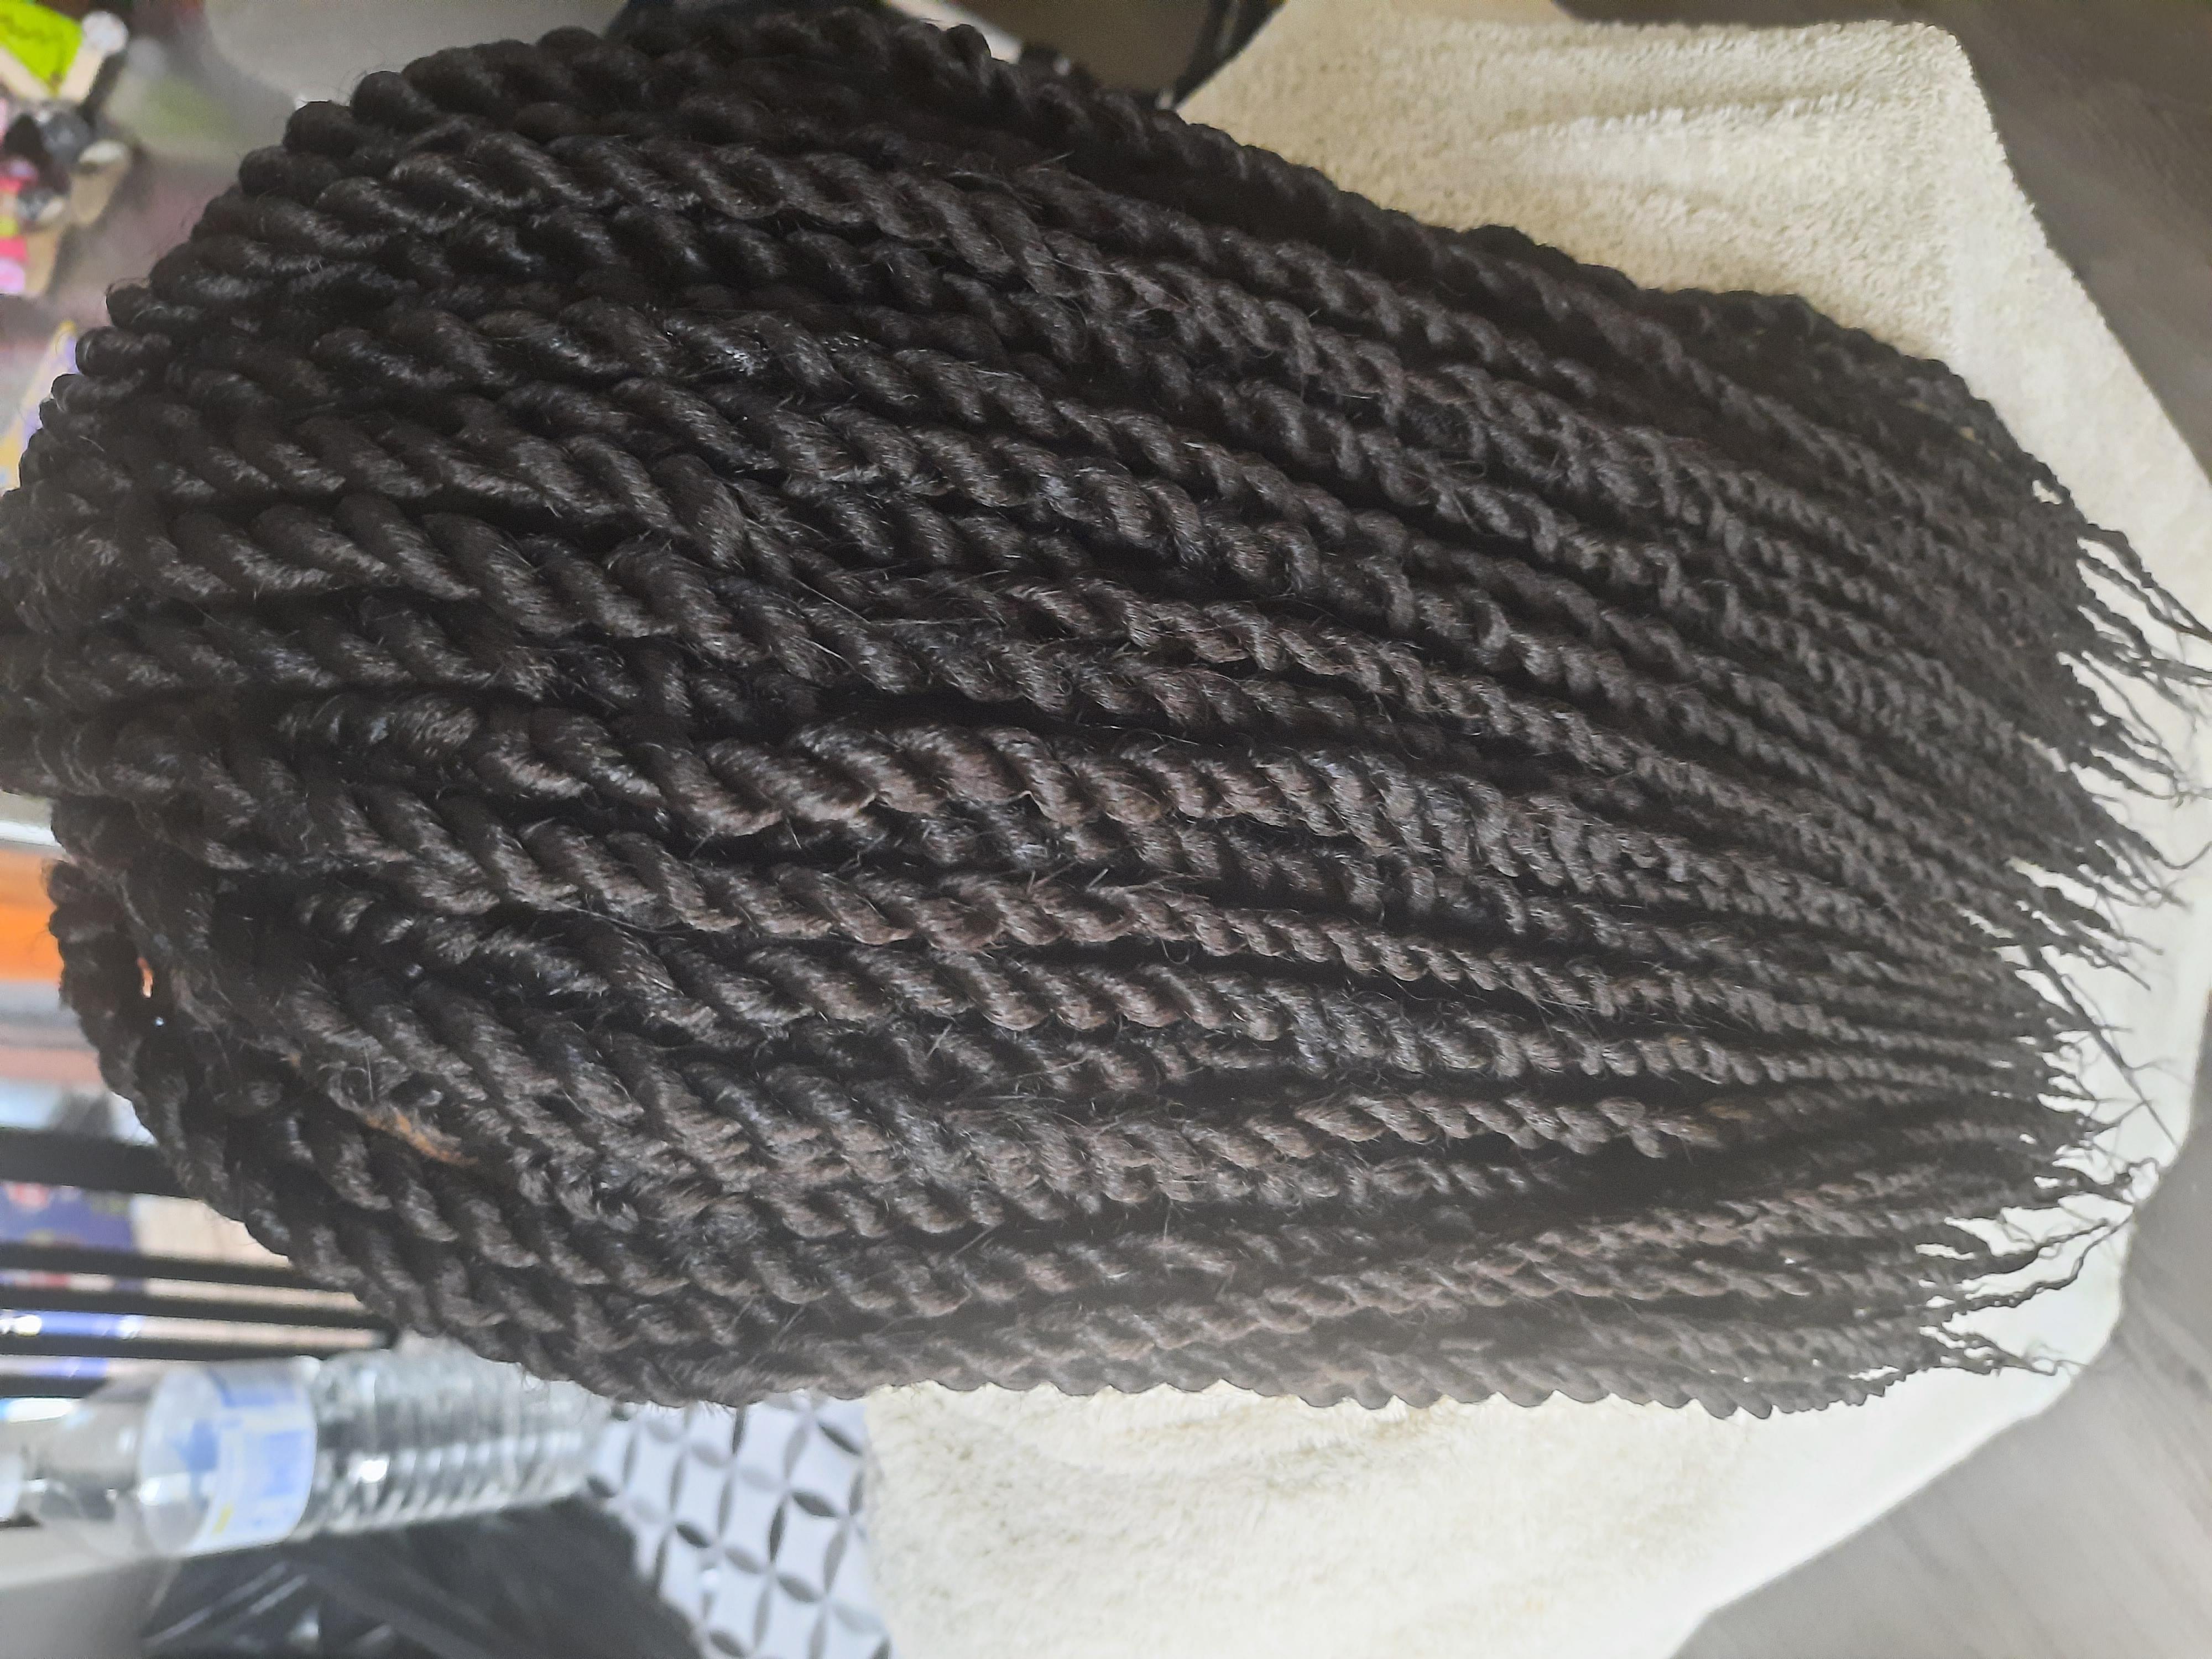 salon de coiffure afro tresse tresses box braids crochet braids vanilles tissages paris 75 77 78 91 92 93 94 95 HTIOFIDN